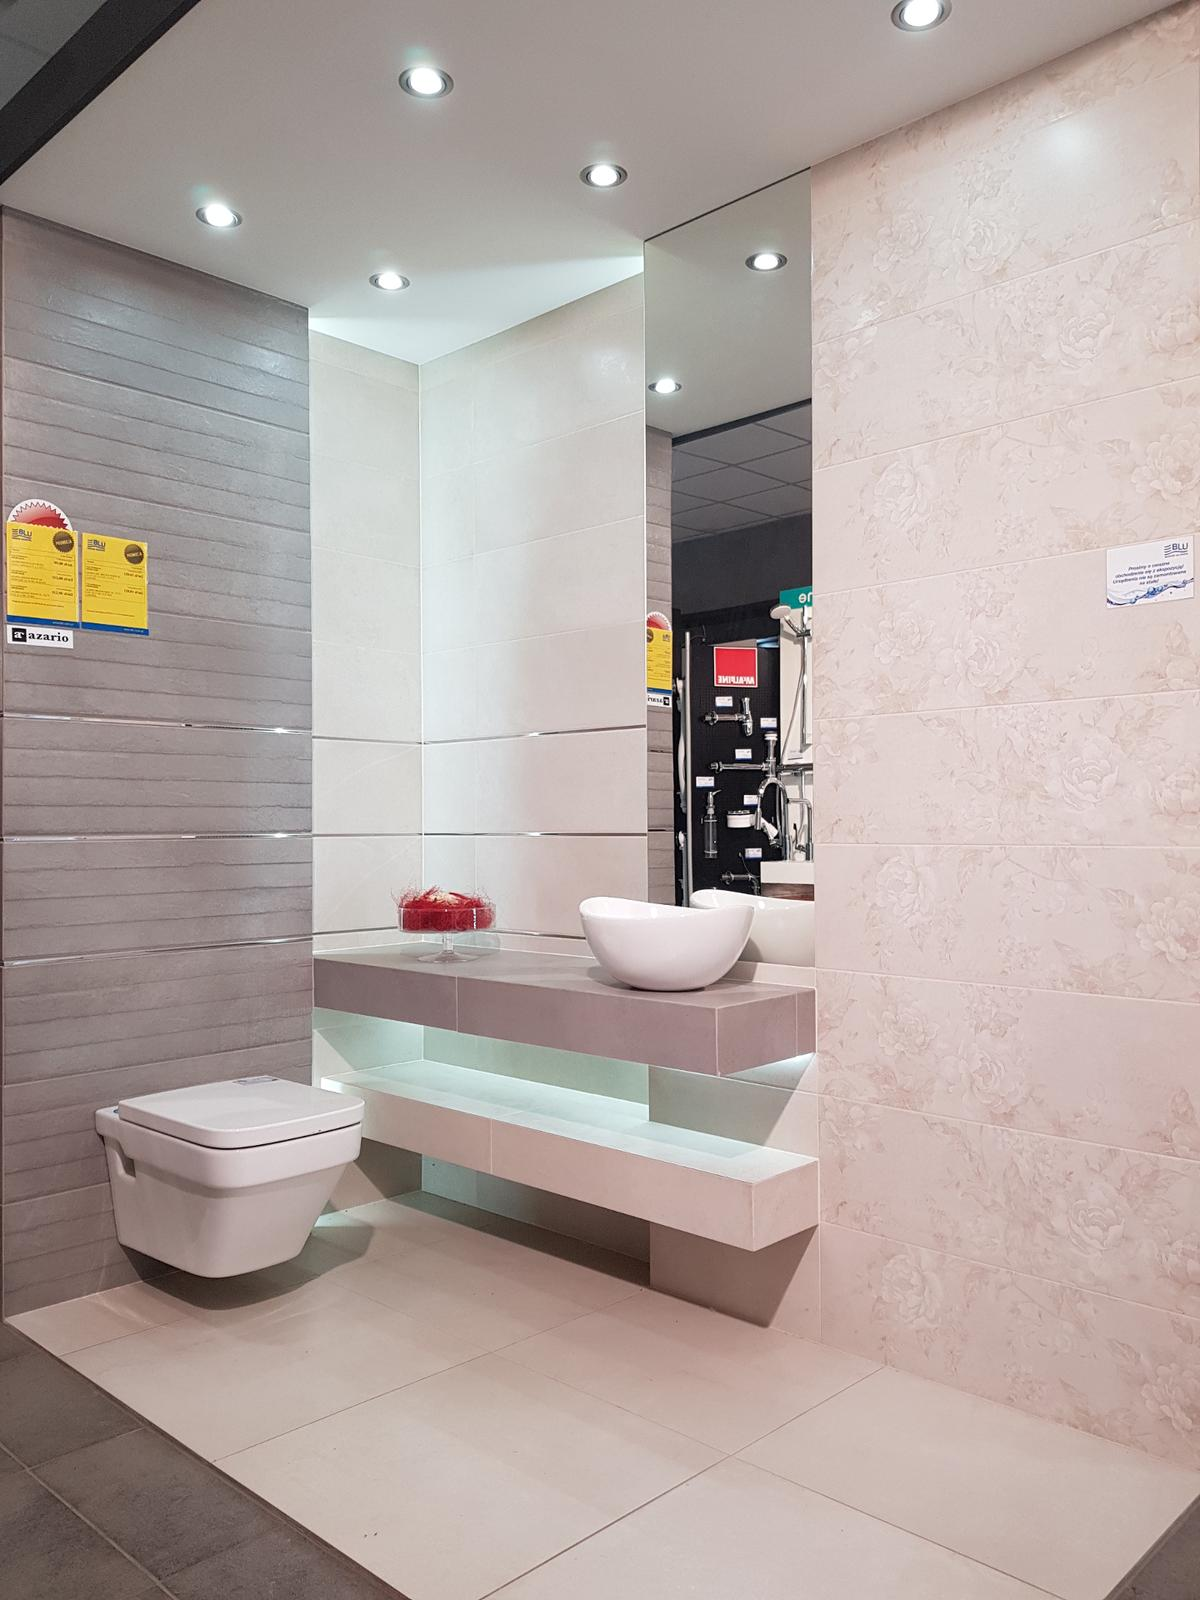 Jasna aranżacja łazienki w kolekcji Azario Adonis - zdjęcie od BLU salon łazienek Cieszyn